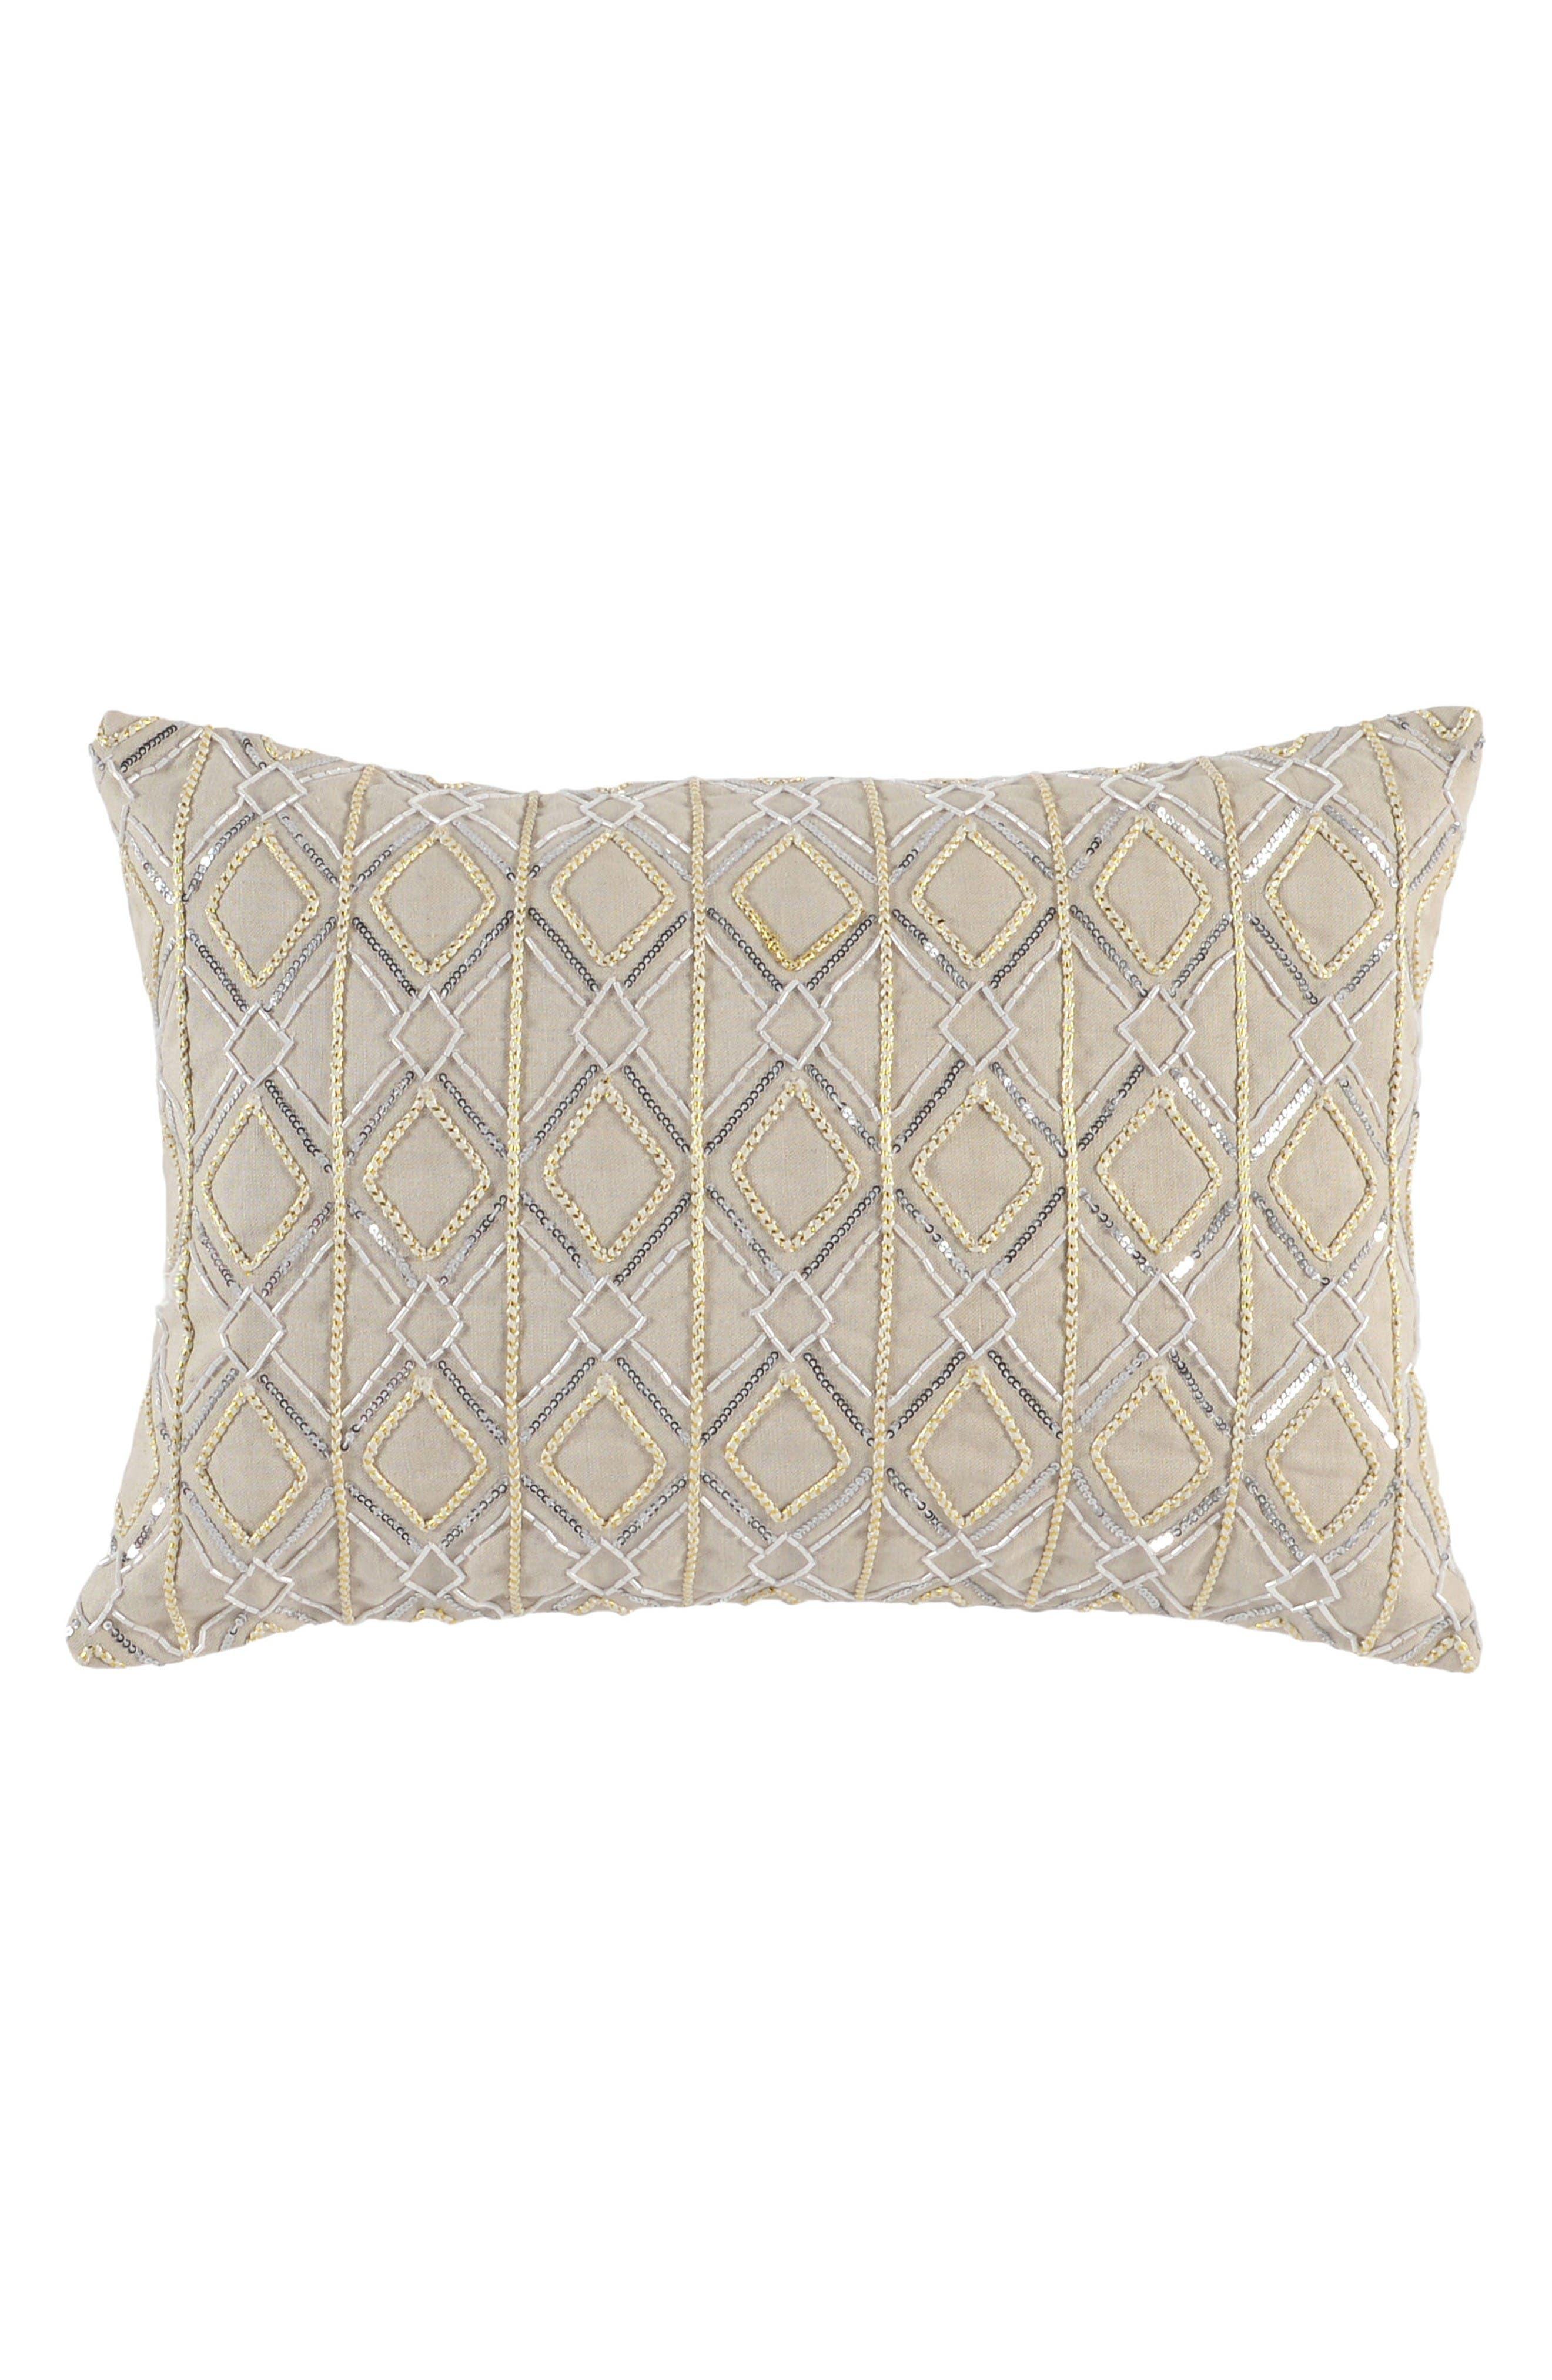 Villa Home Collection Aledo Accent Pillow